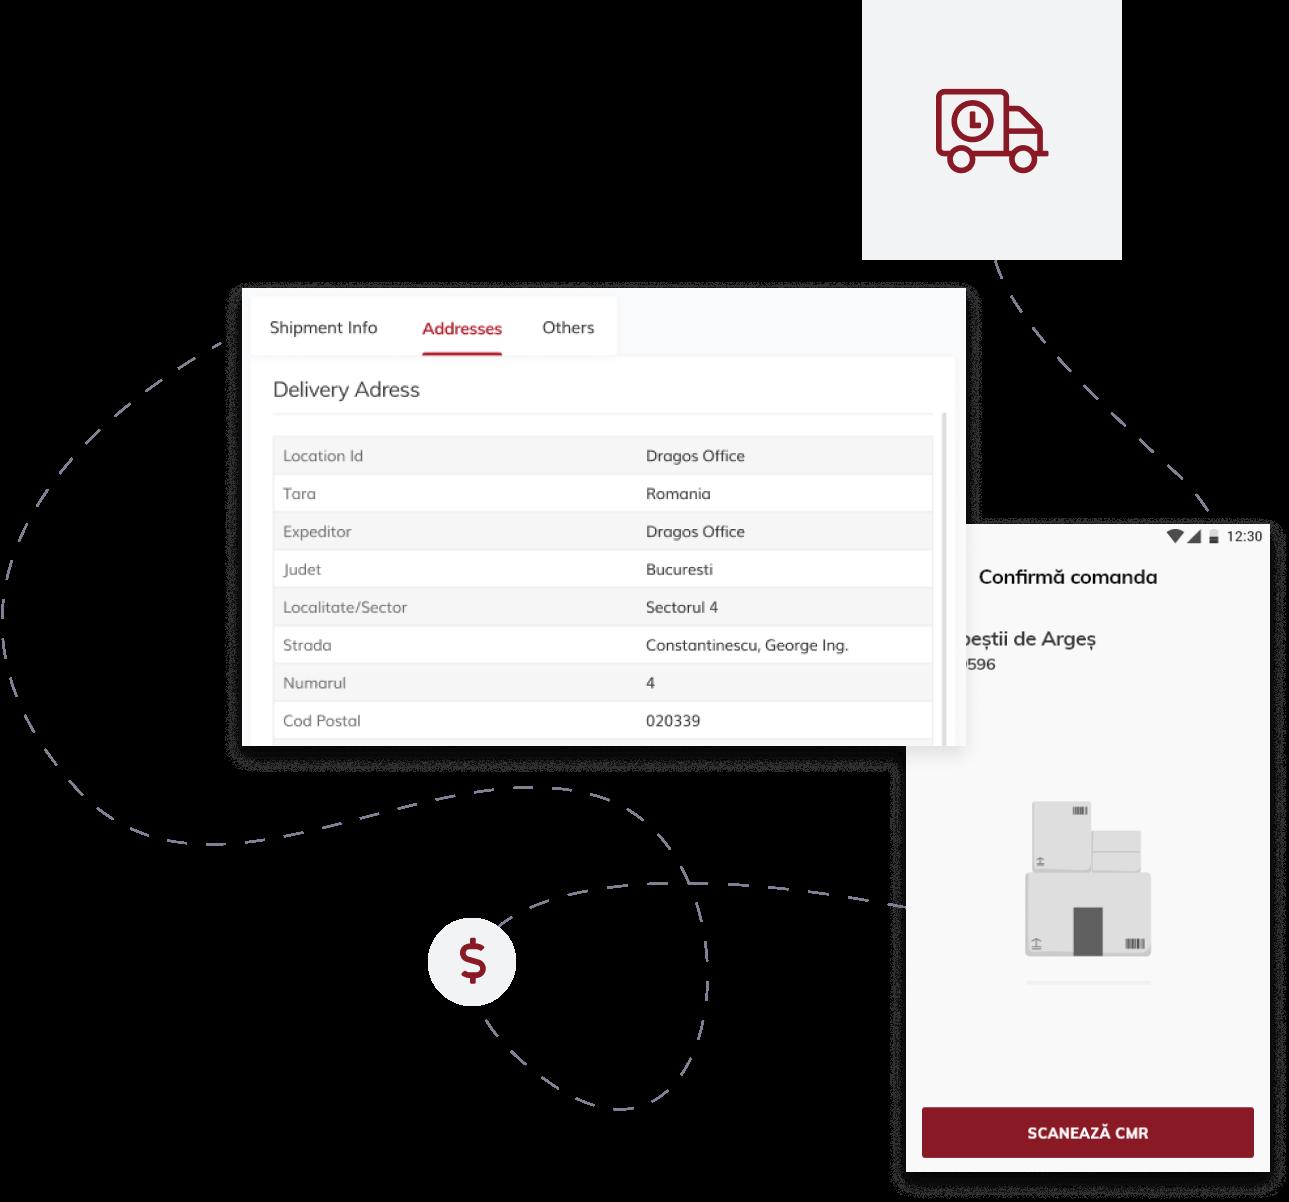 image of dolar sign, parcel transport car and postis web platform shipment-info screenshot